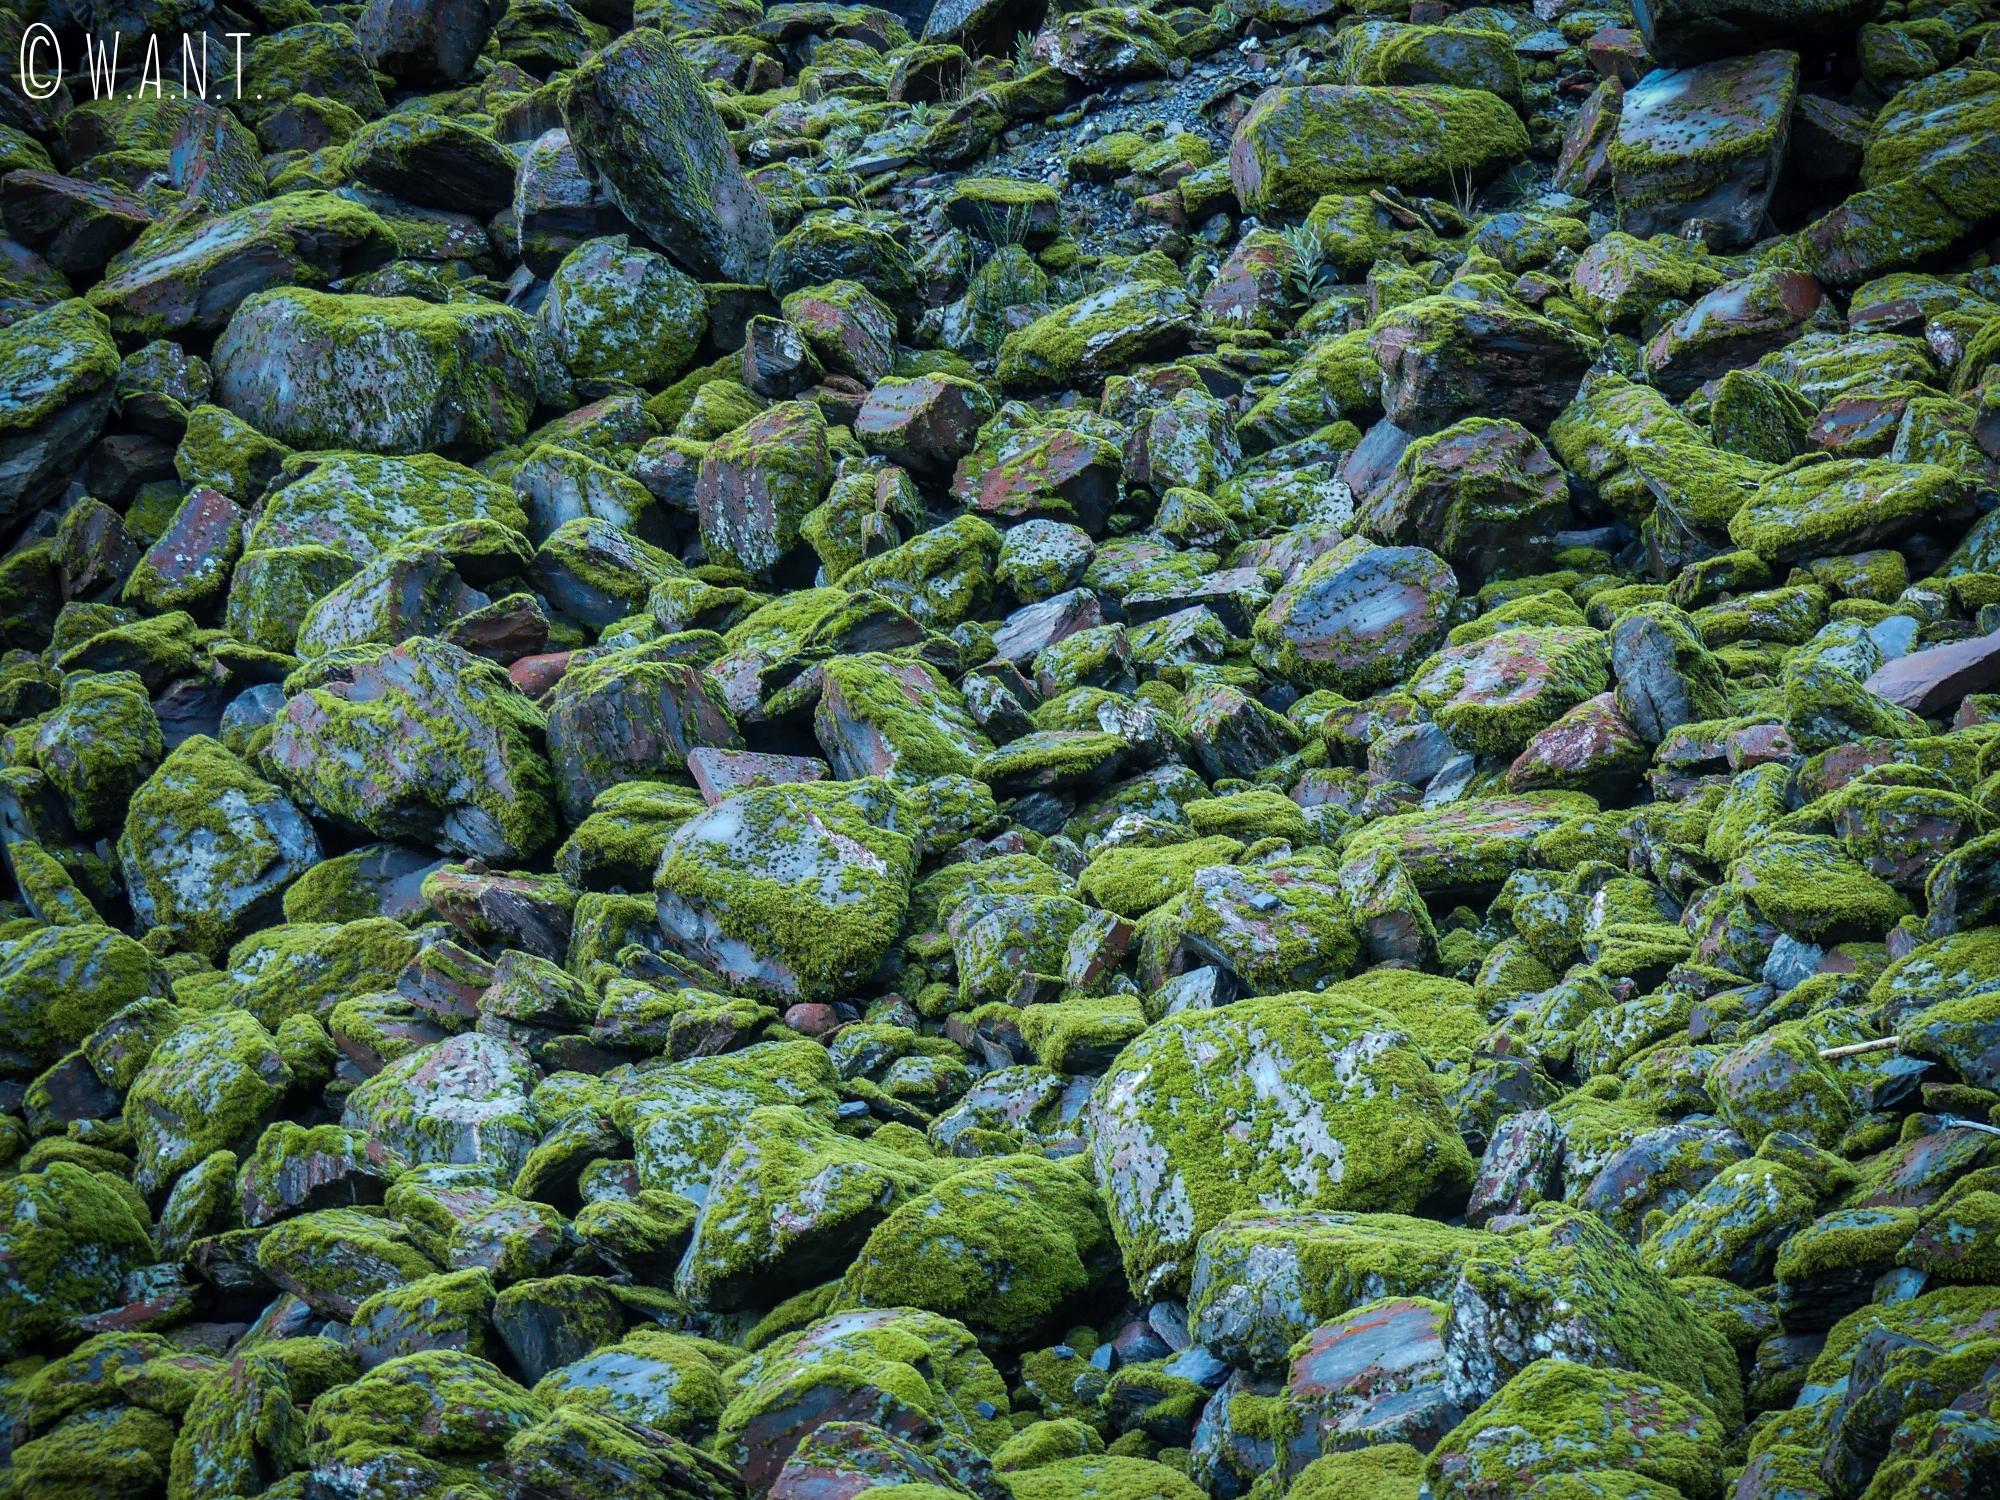 Gros plan sur les pierres présentes dans le cirque menant au Franz Joseph Glacier en Nouvelle-Zélande